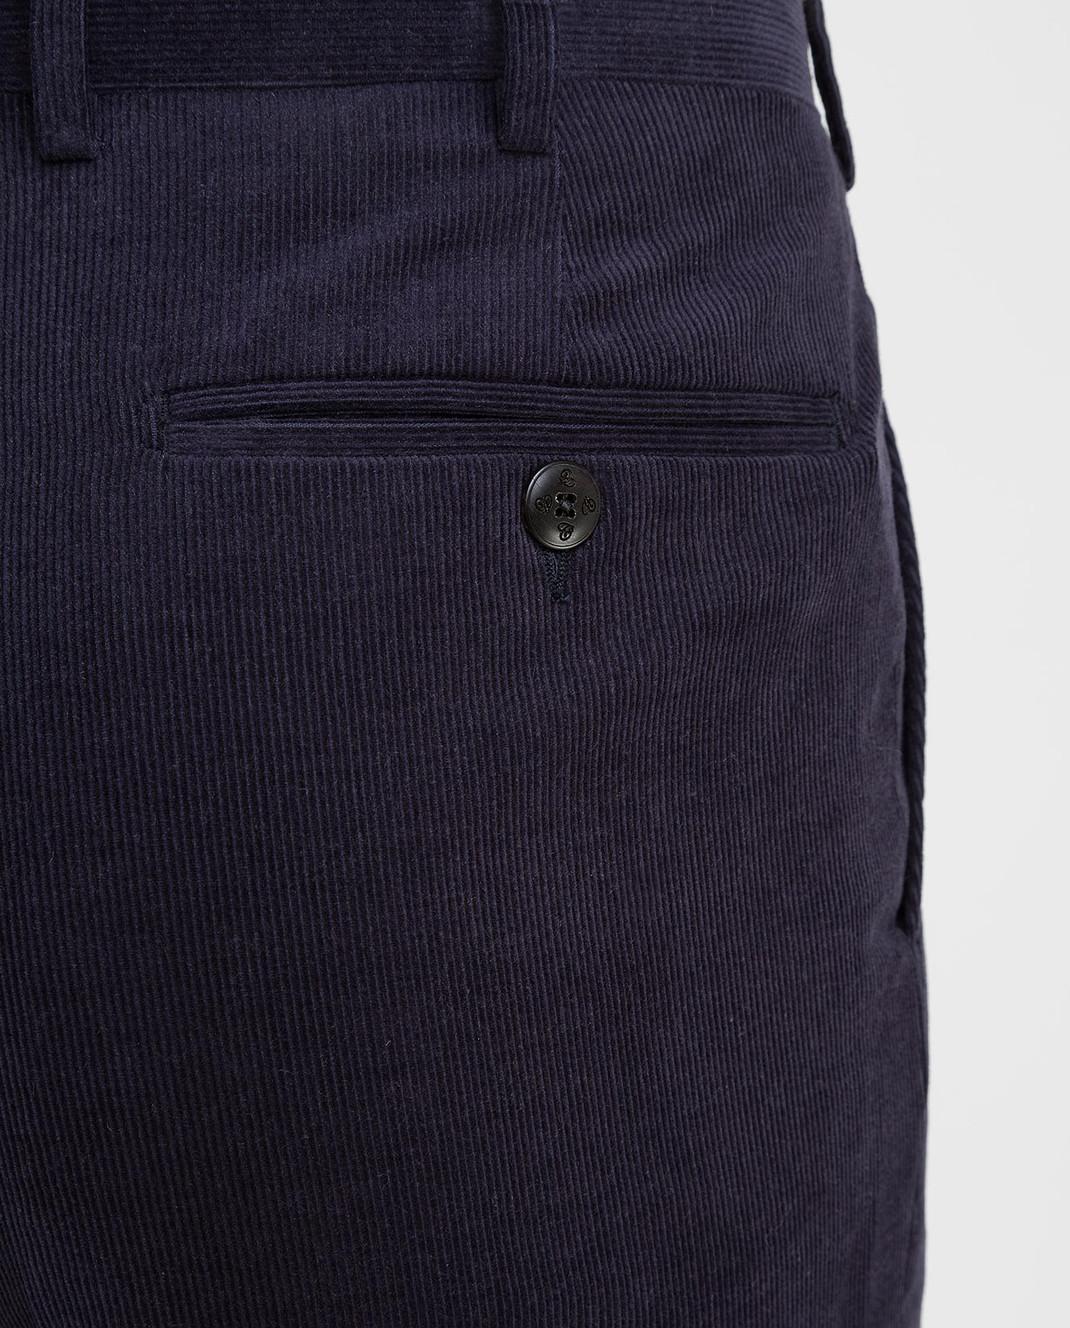 Castello d'Oro Темно-синие вельветовые брюки изображение 5